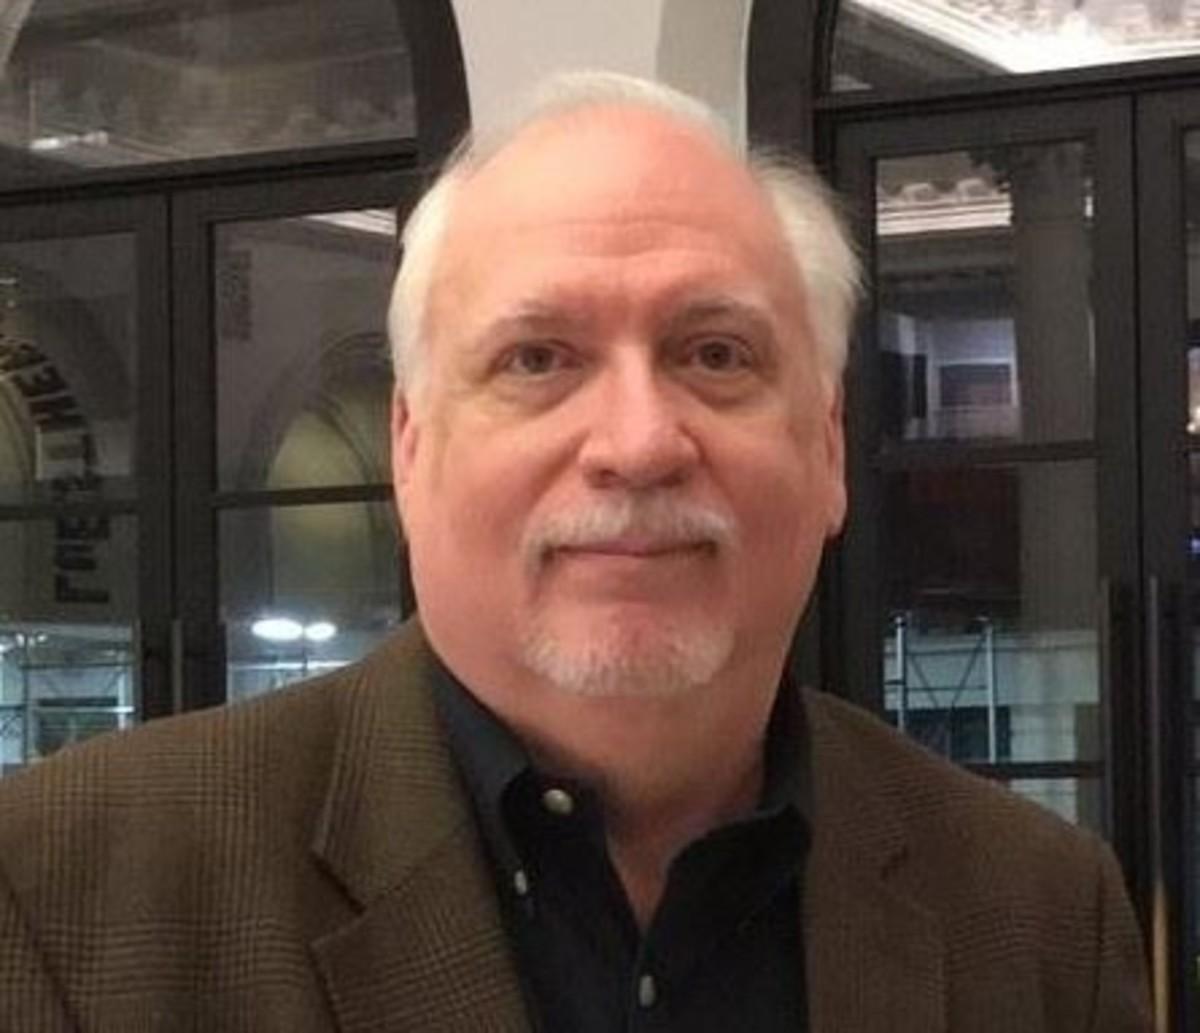 J. Michael Straczynski, creator of Babylon 5